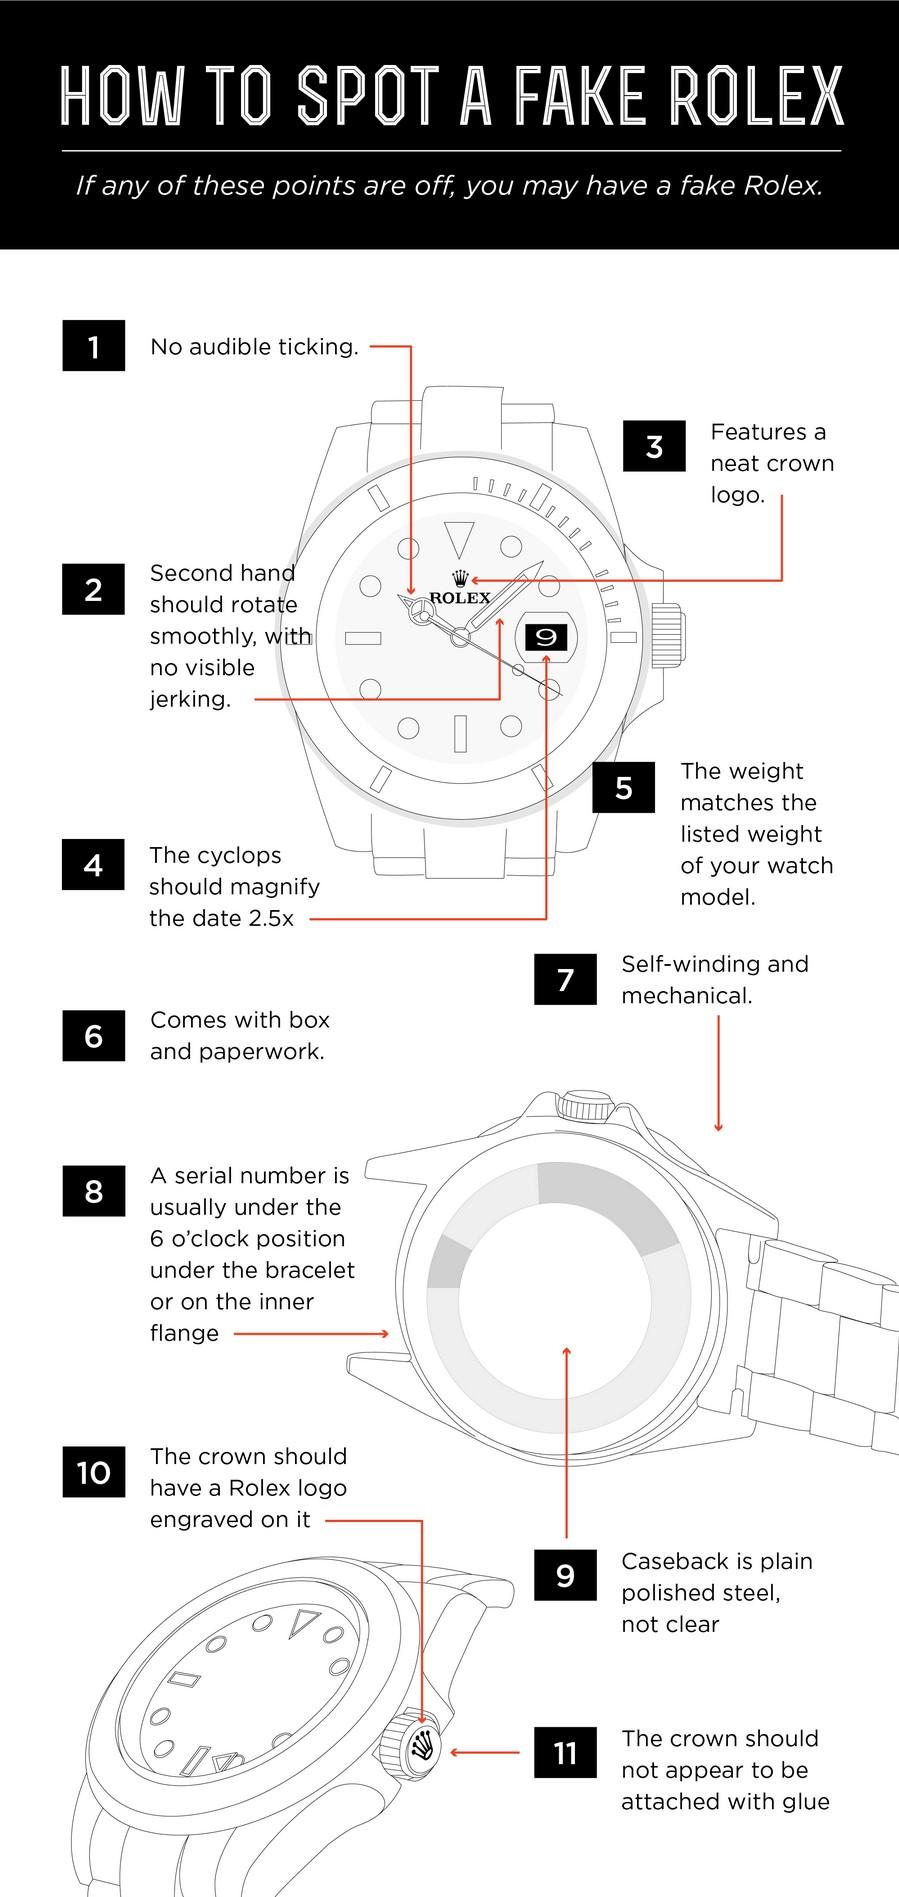 Làm thế nào để phát hiện một chiếc đồng hồ Rolex giả